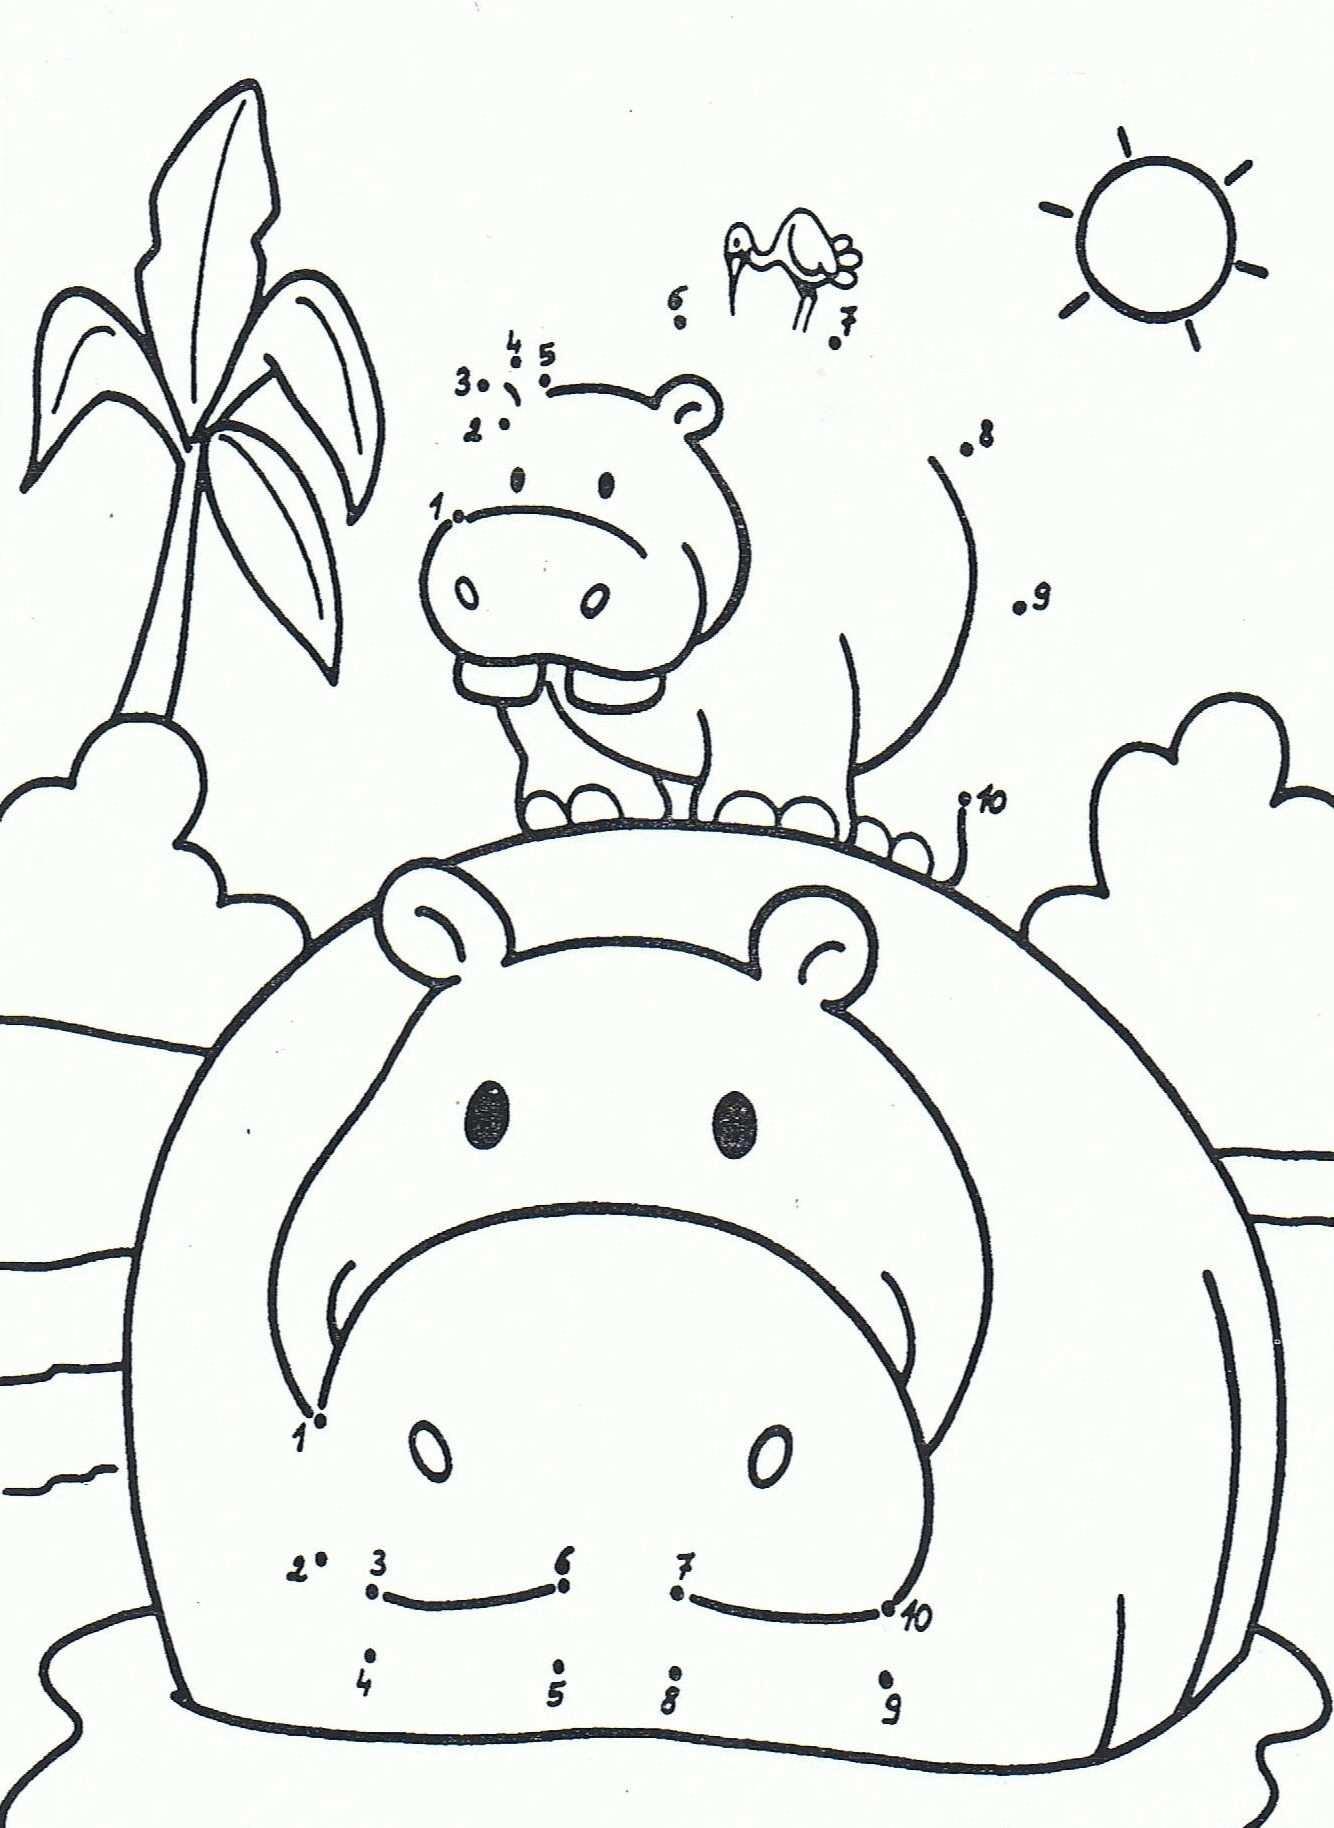 Kleurplaat Van Een Nijlpaard 1 10 Dierentuindieren De